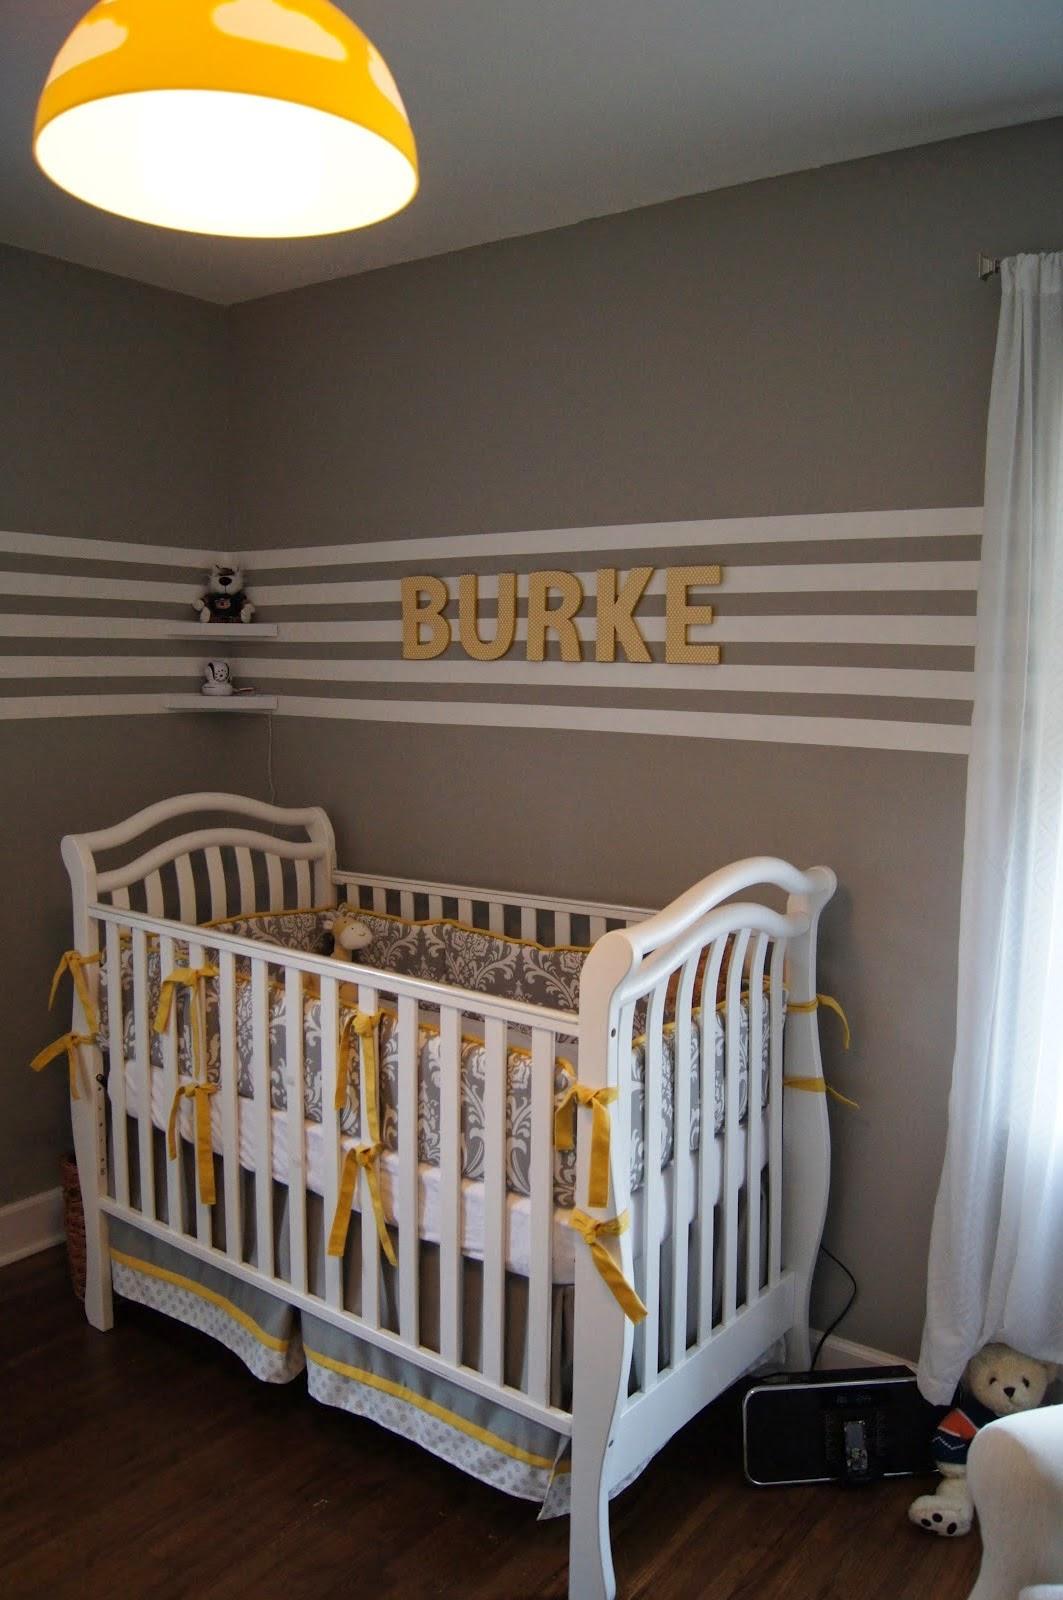 amarillo y gris dondeéste se apodera de la pared y el amarillo da los